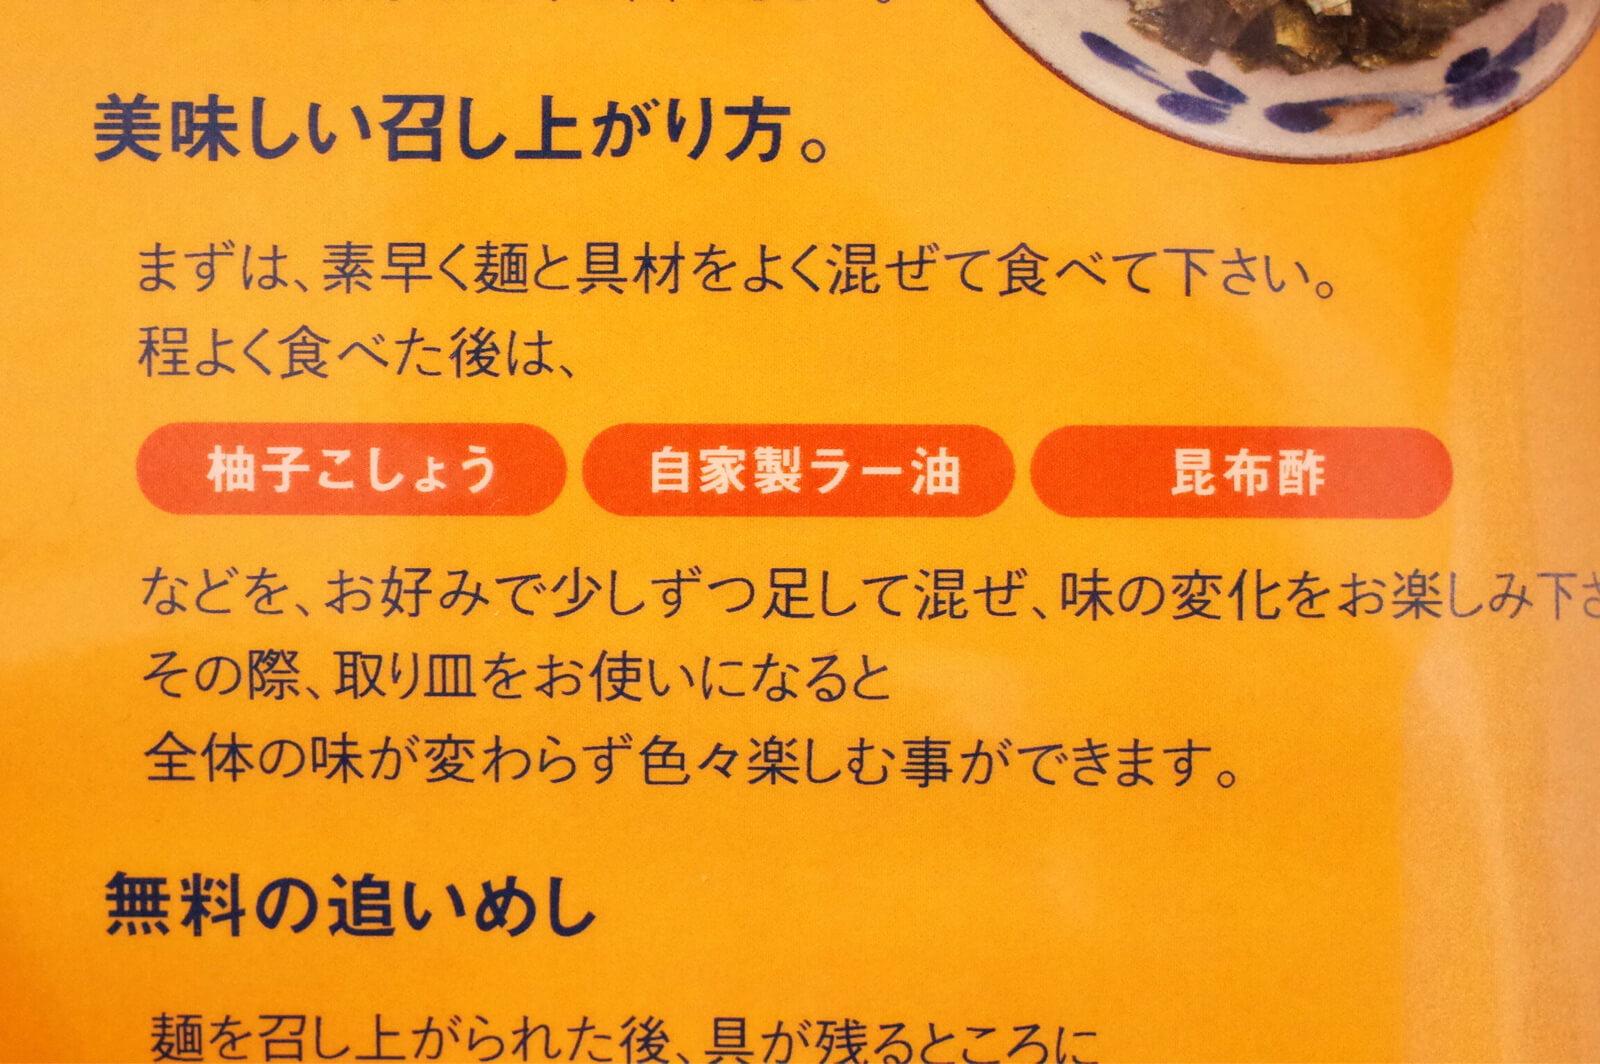 まぜ麺 マホロバ  美味しい食べ方